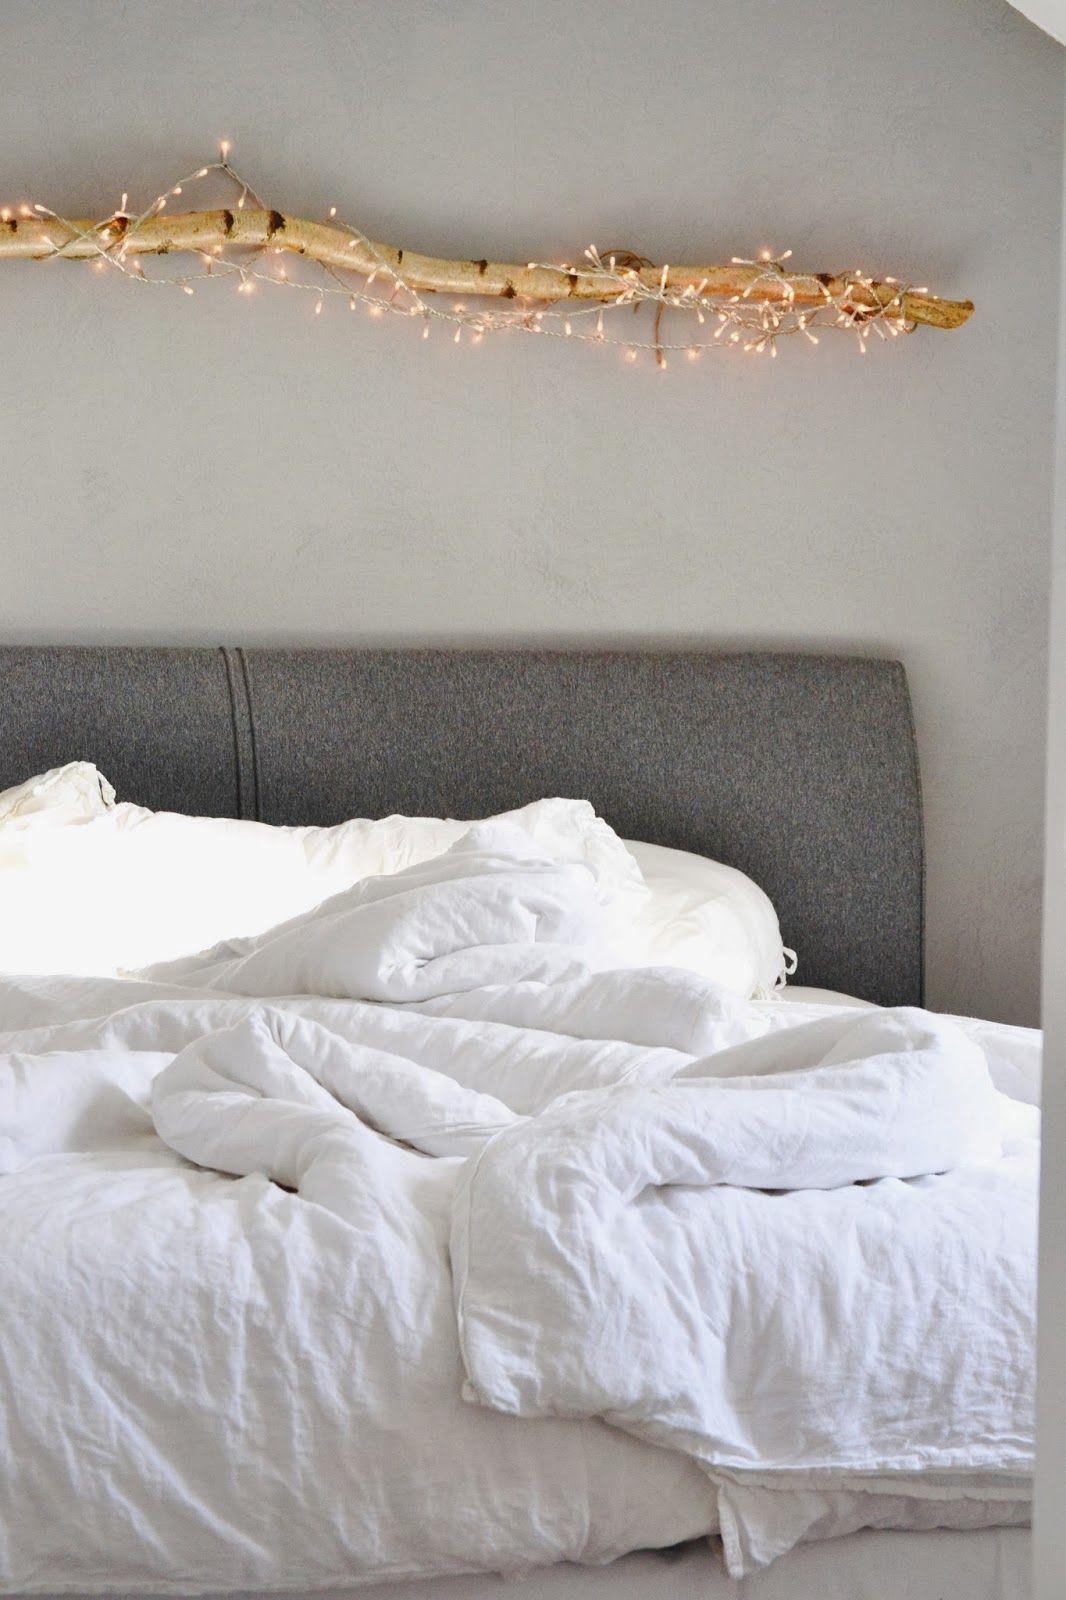 Full Size of Wanddeko Schlafzimmer Ideen Holz Metall Amazon Pinterest Bilder Modern Wanddekoration Misch Masch By Nina Zimmer Komplett Günstig Sessel Romantische Wohnzimmer Wanddeko Schlafzimmer